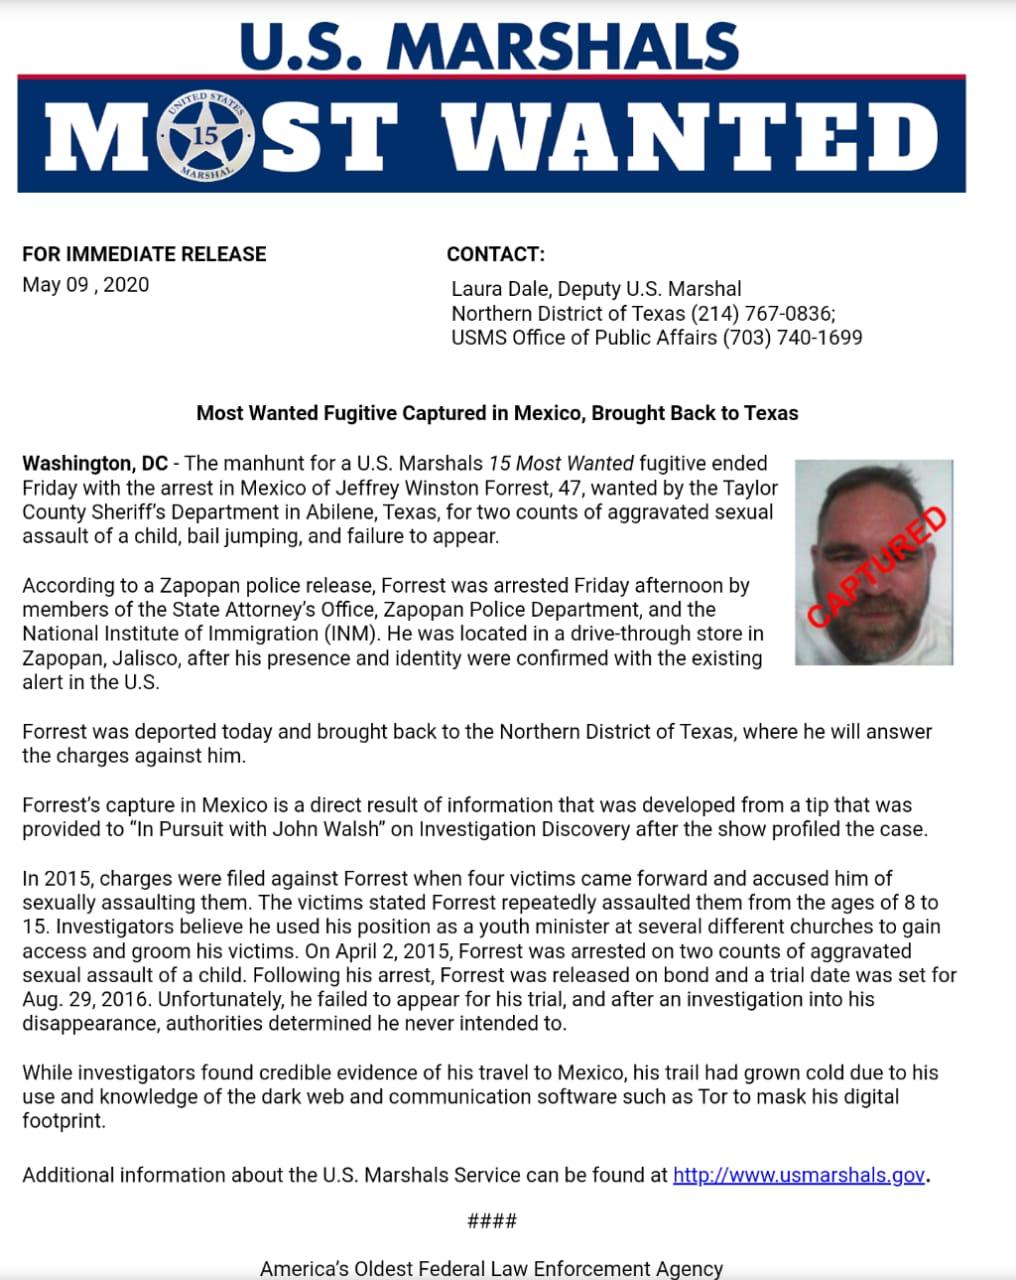 https://www.usmarshals.gov/investigations/most_wanted/forrest/forrest-cap.htm